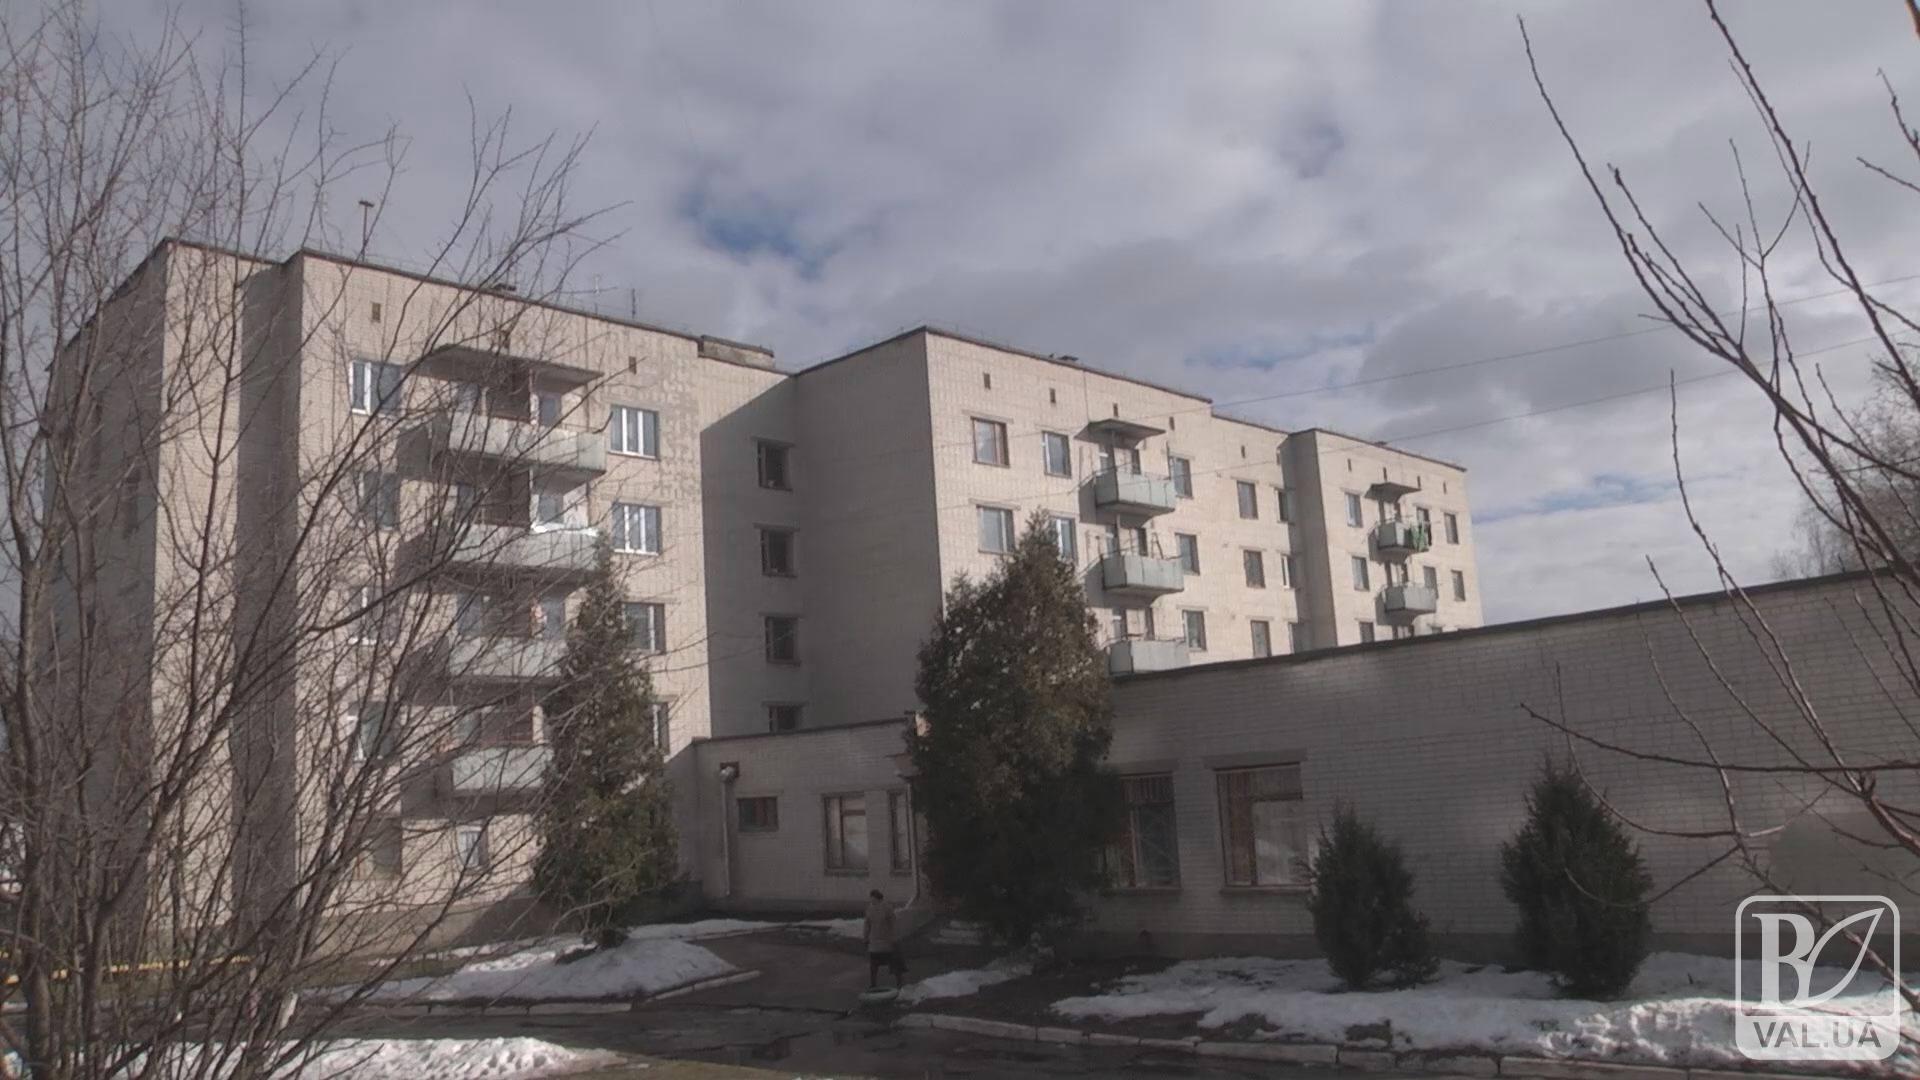 Шлях до приватизації: чи зможуть мешканці гуртожитку на Осипенка приватизувати свої помешкання? ВІДЕО